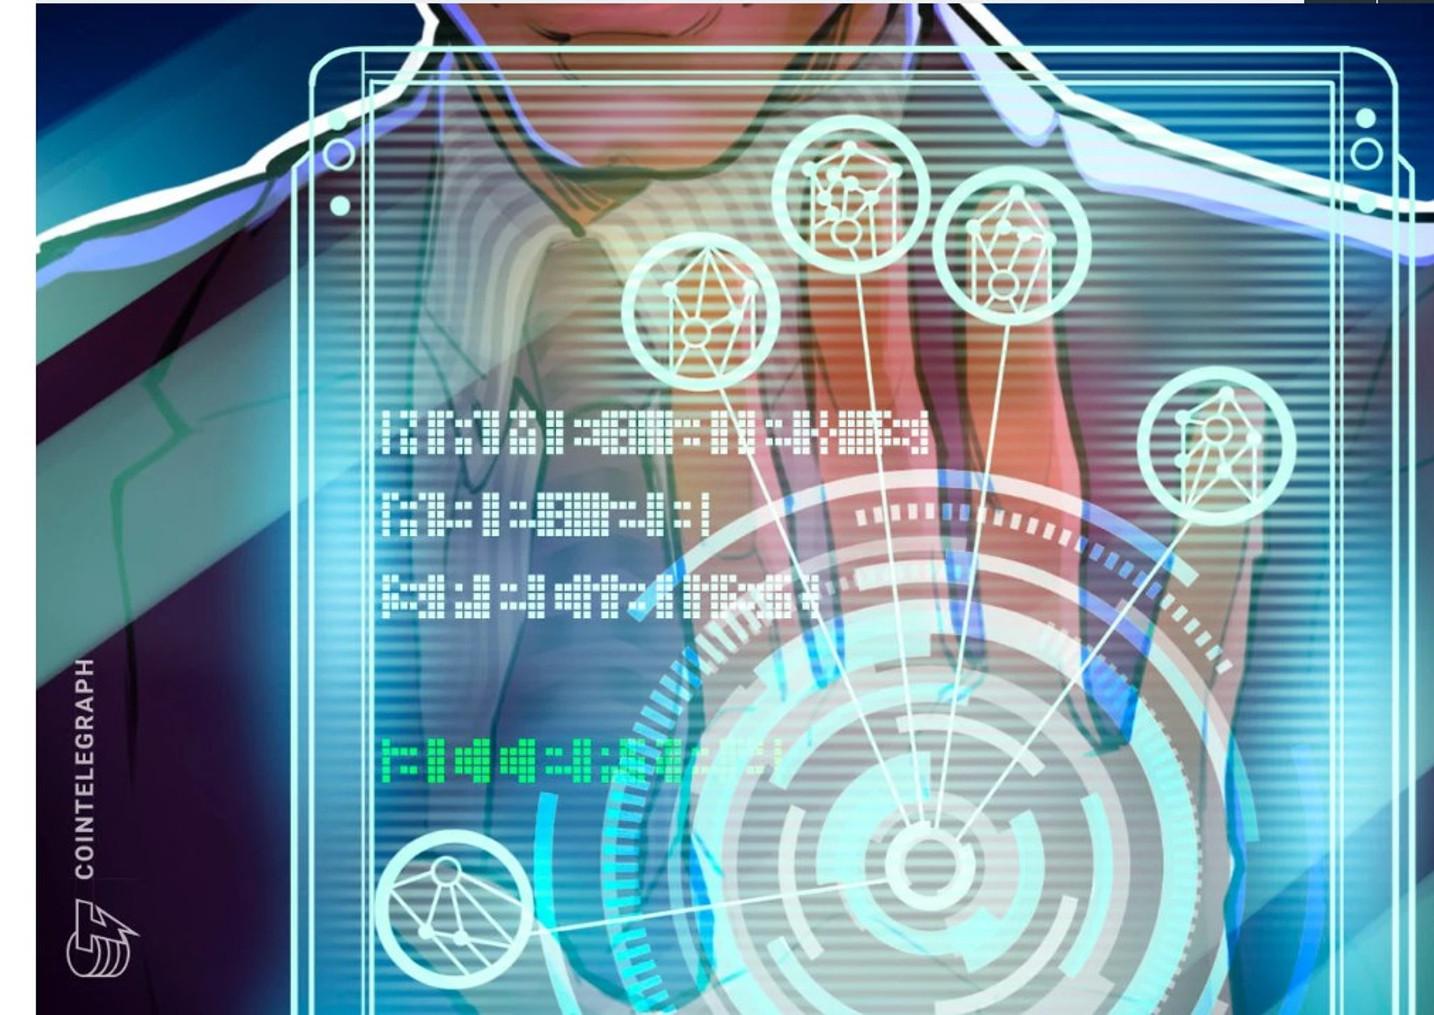 대형 IT회사 삼성-LG, 블록체인 신분증 사업 도전